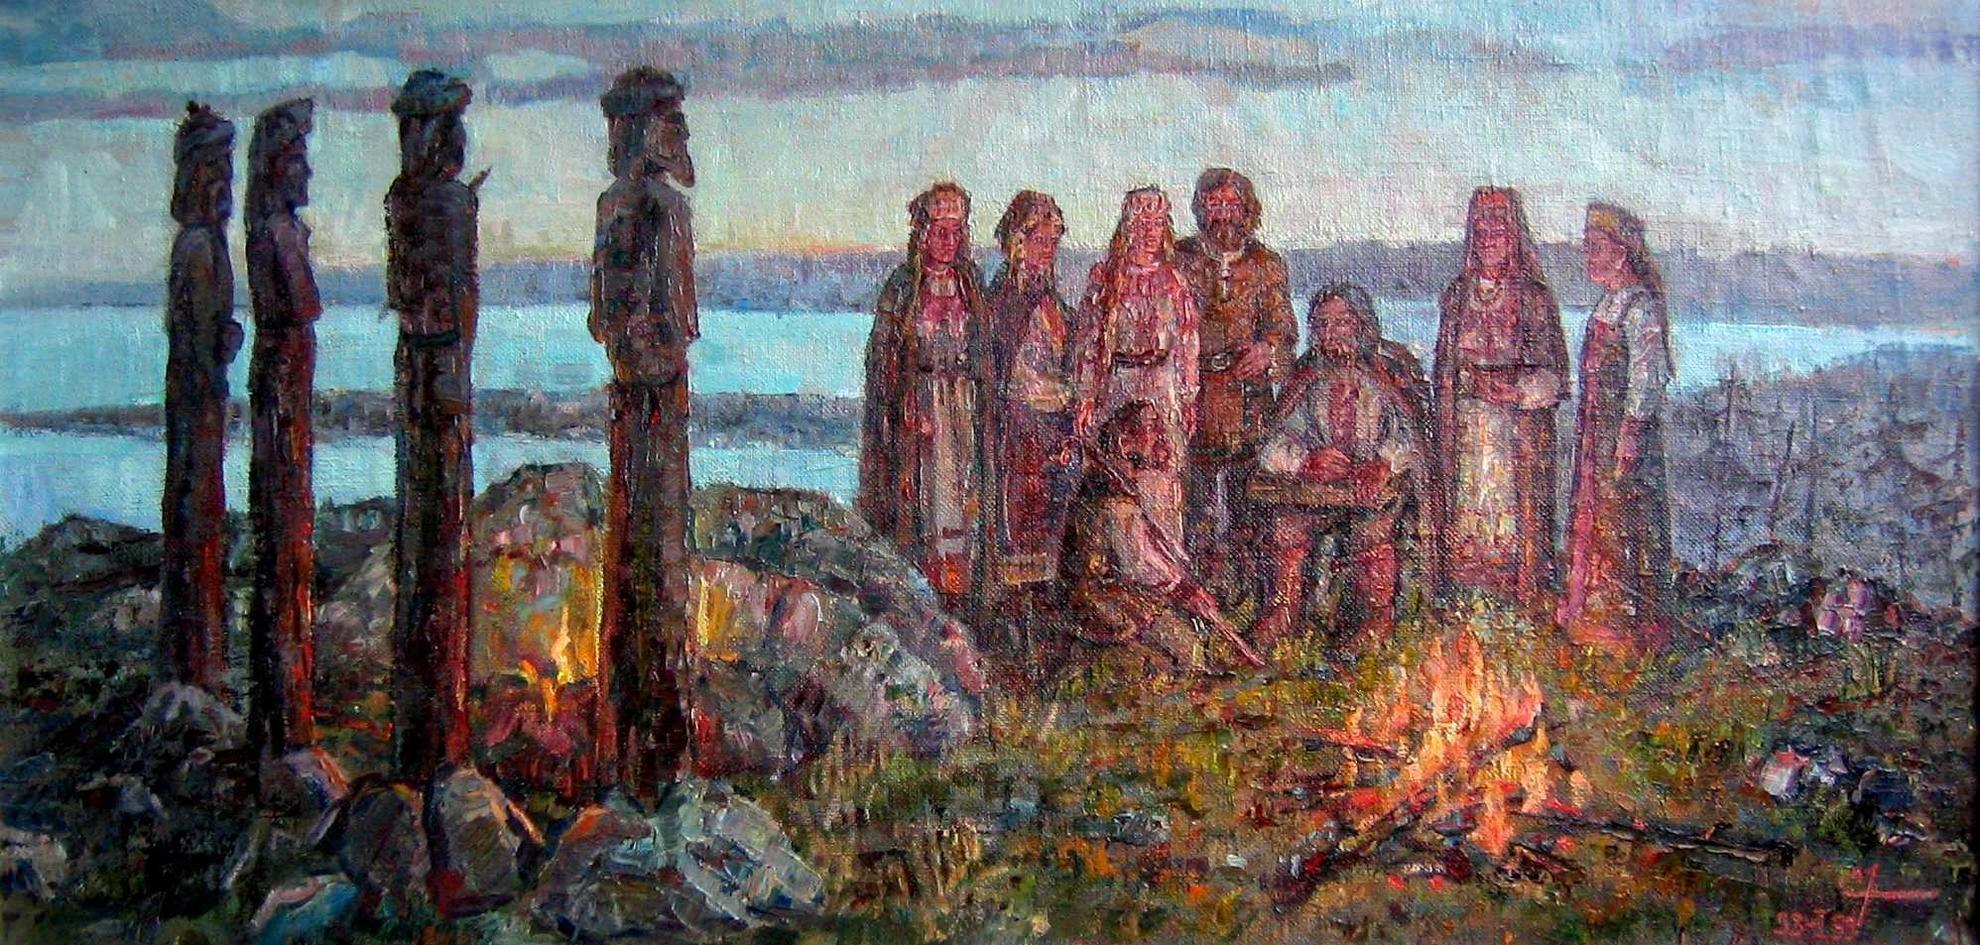 языческая религия славян картинки реализация привела невероятному